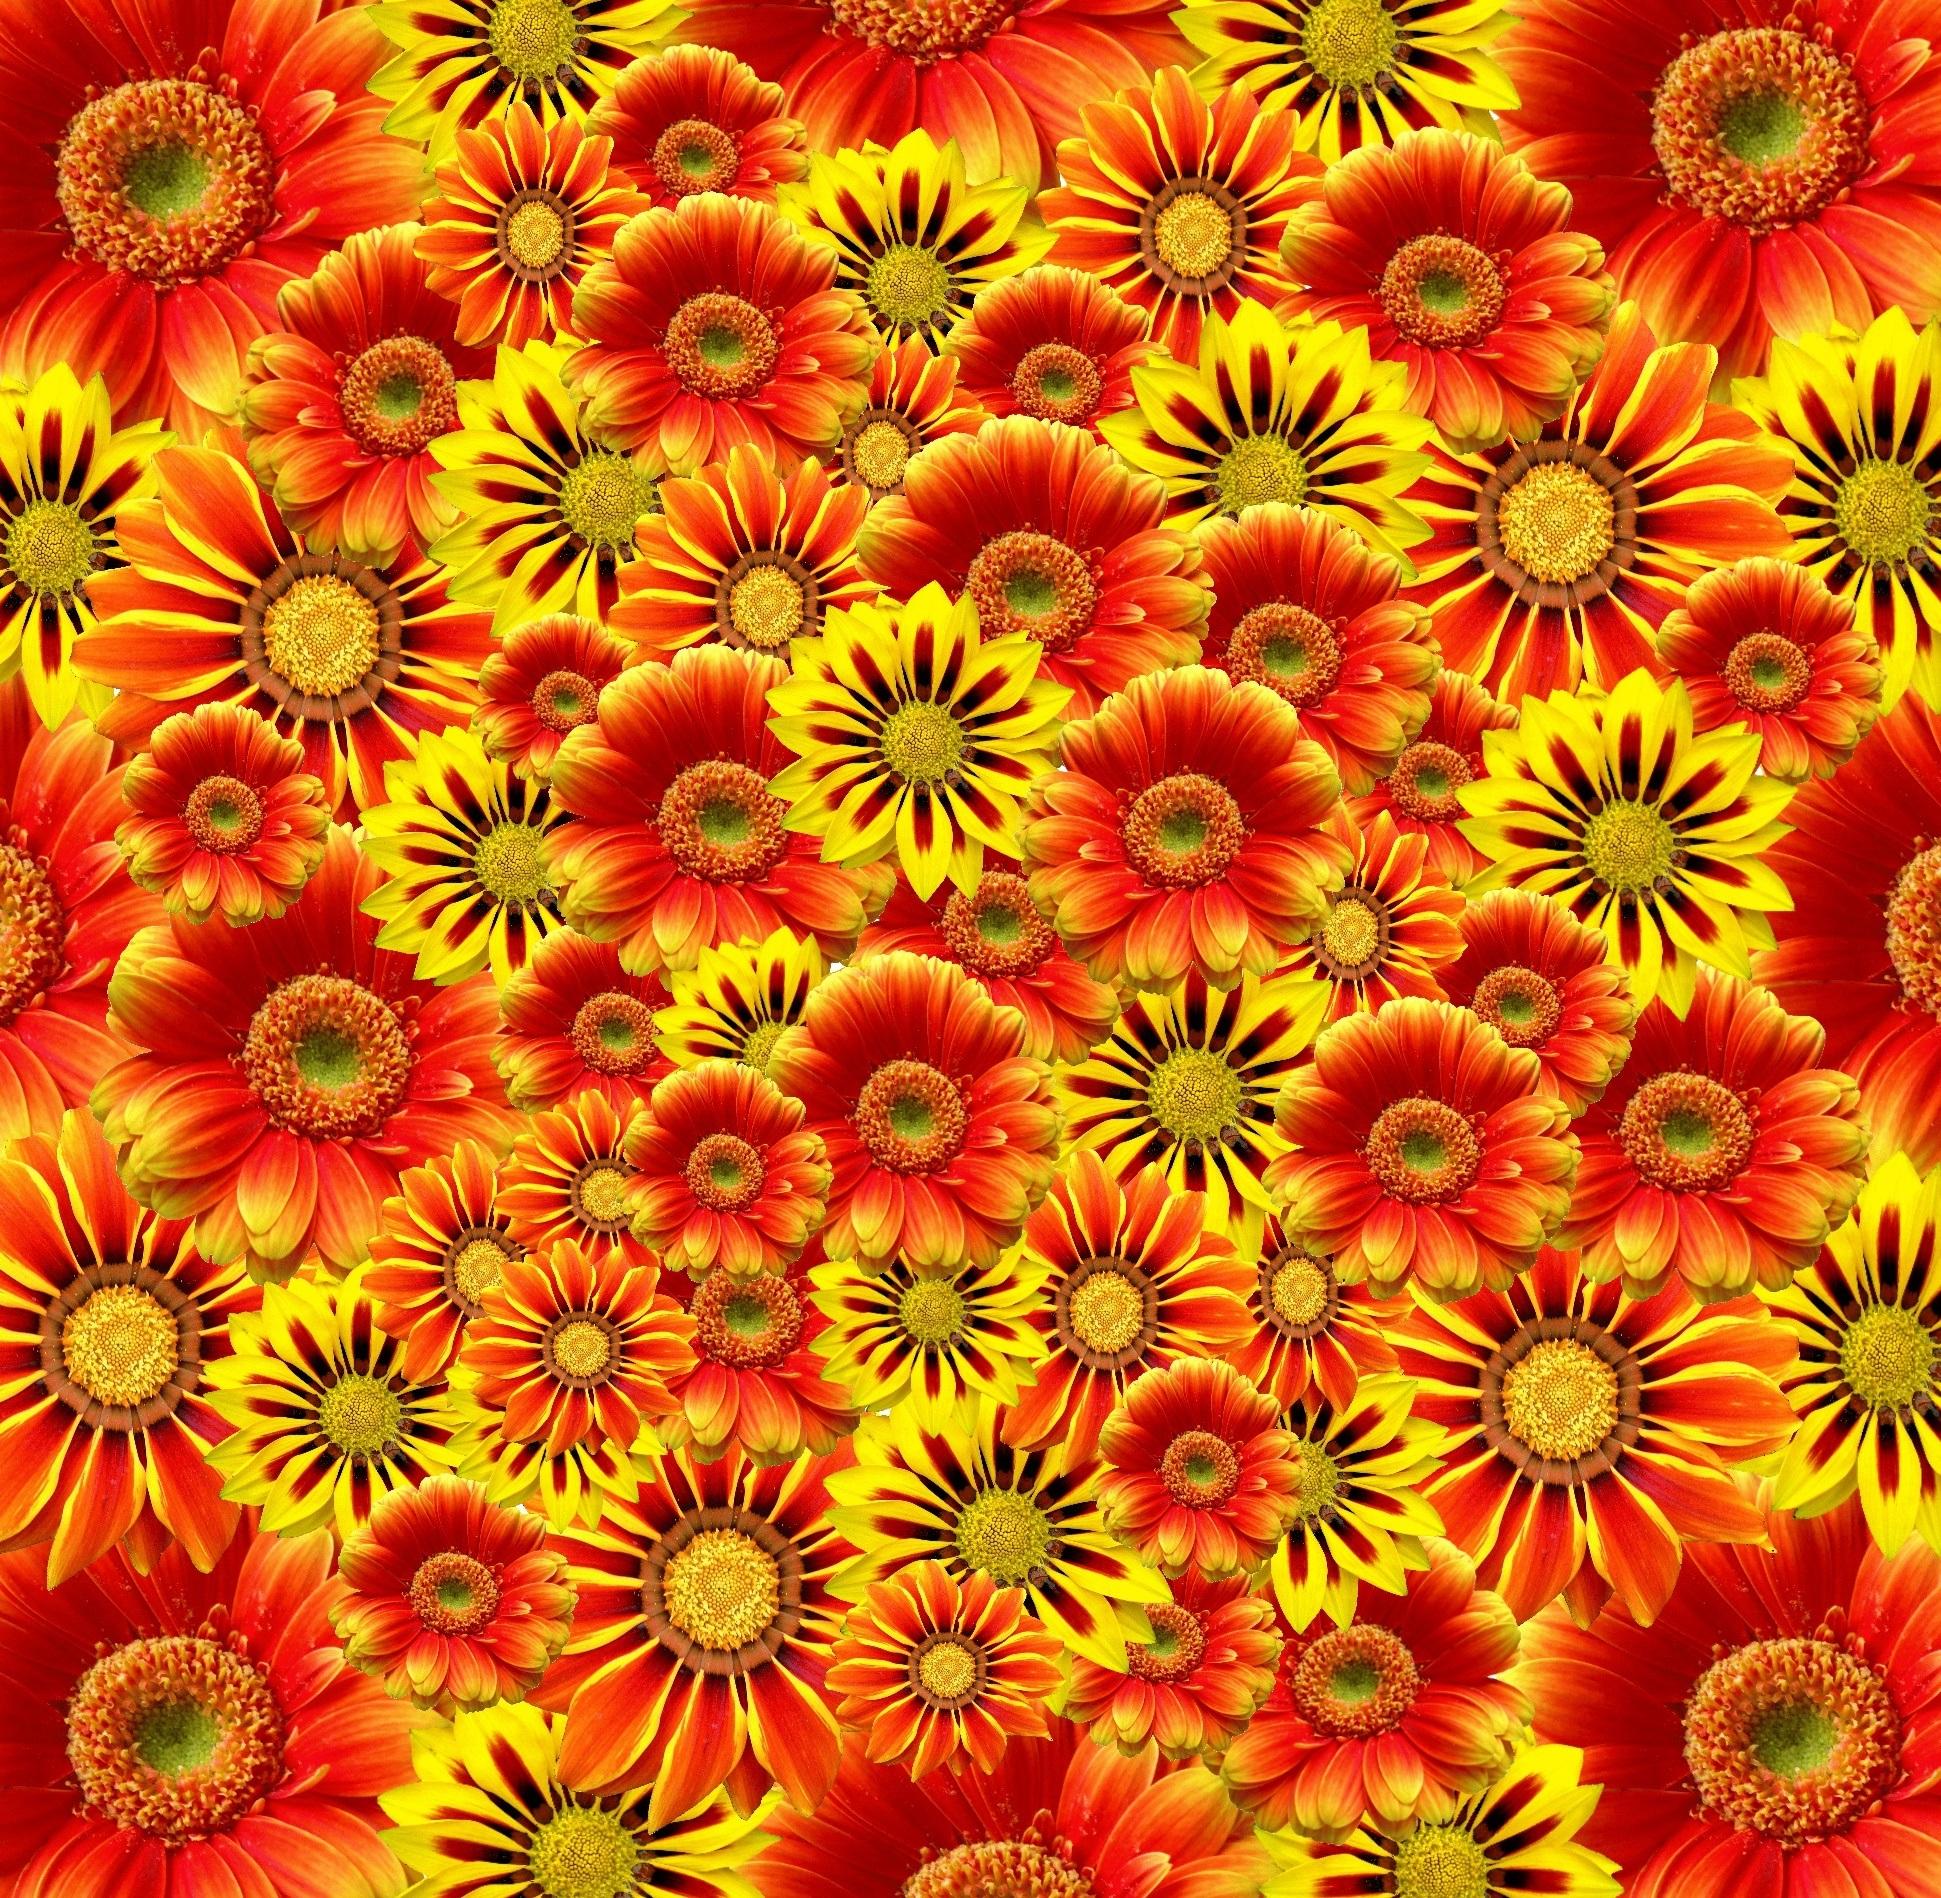 Suficiente Banco de imagens : natureza, plantar, campo, flor, pétala, verão  EC76